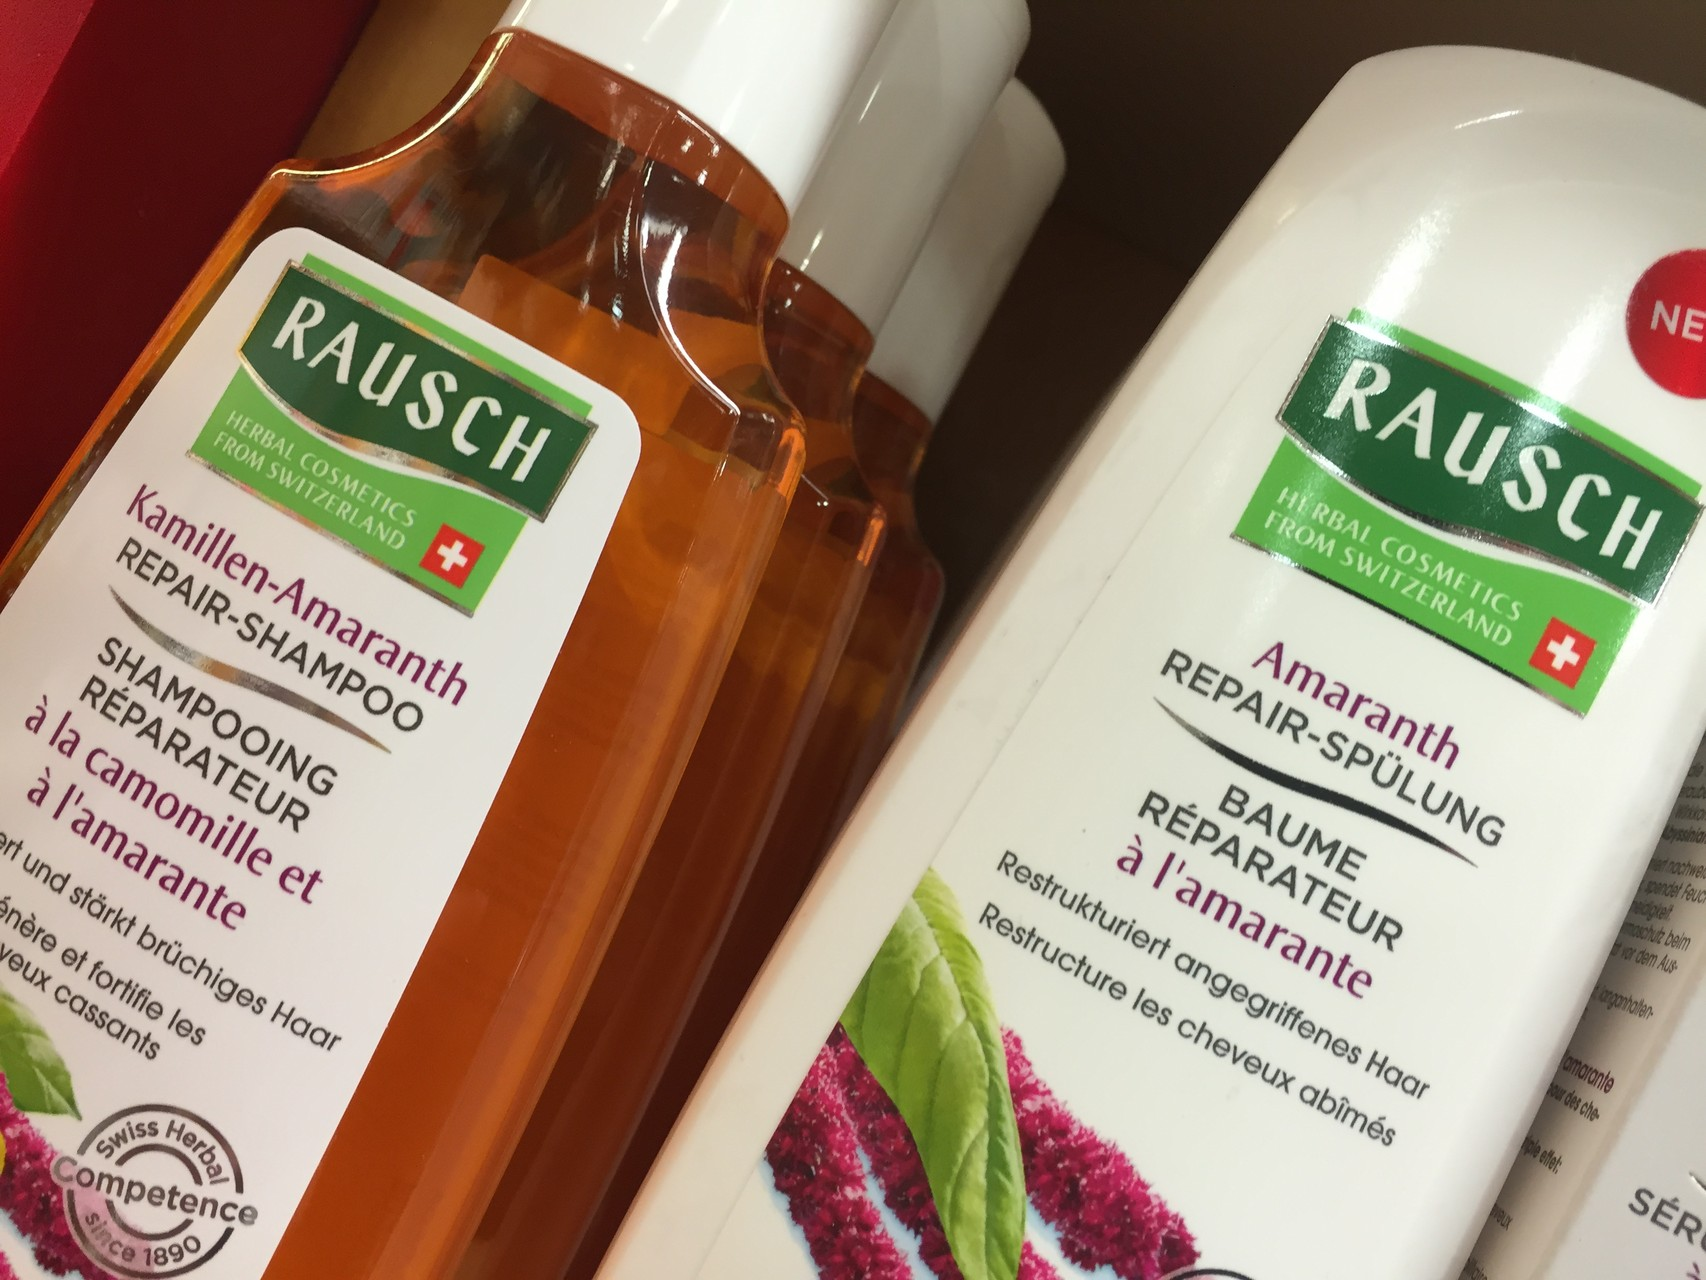 ... bei geschädigtem Haar...Kamillen - Amaranth Shampoo, Amaranth  Spülung, Amaranth Repair - Serum, Amaranth Spliss - Repair - Cream.